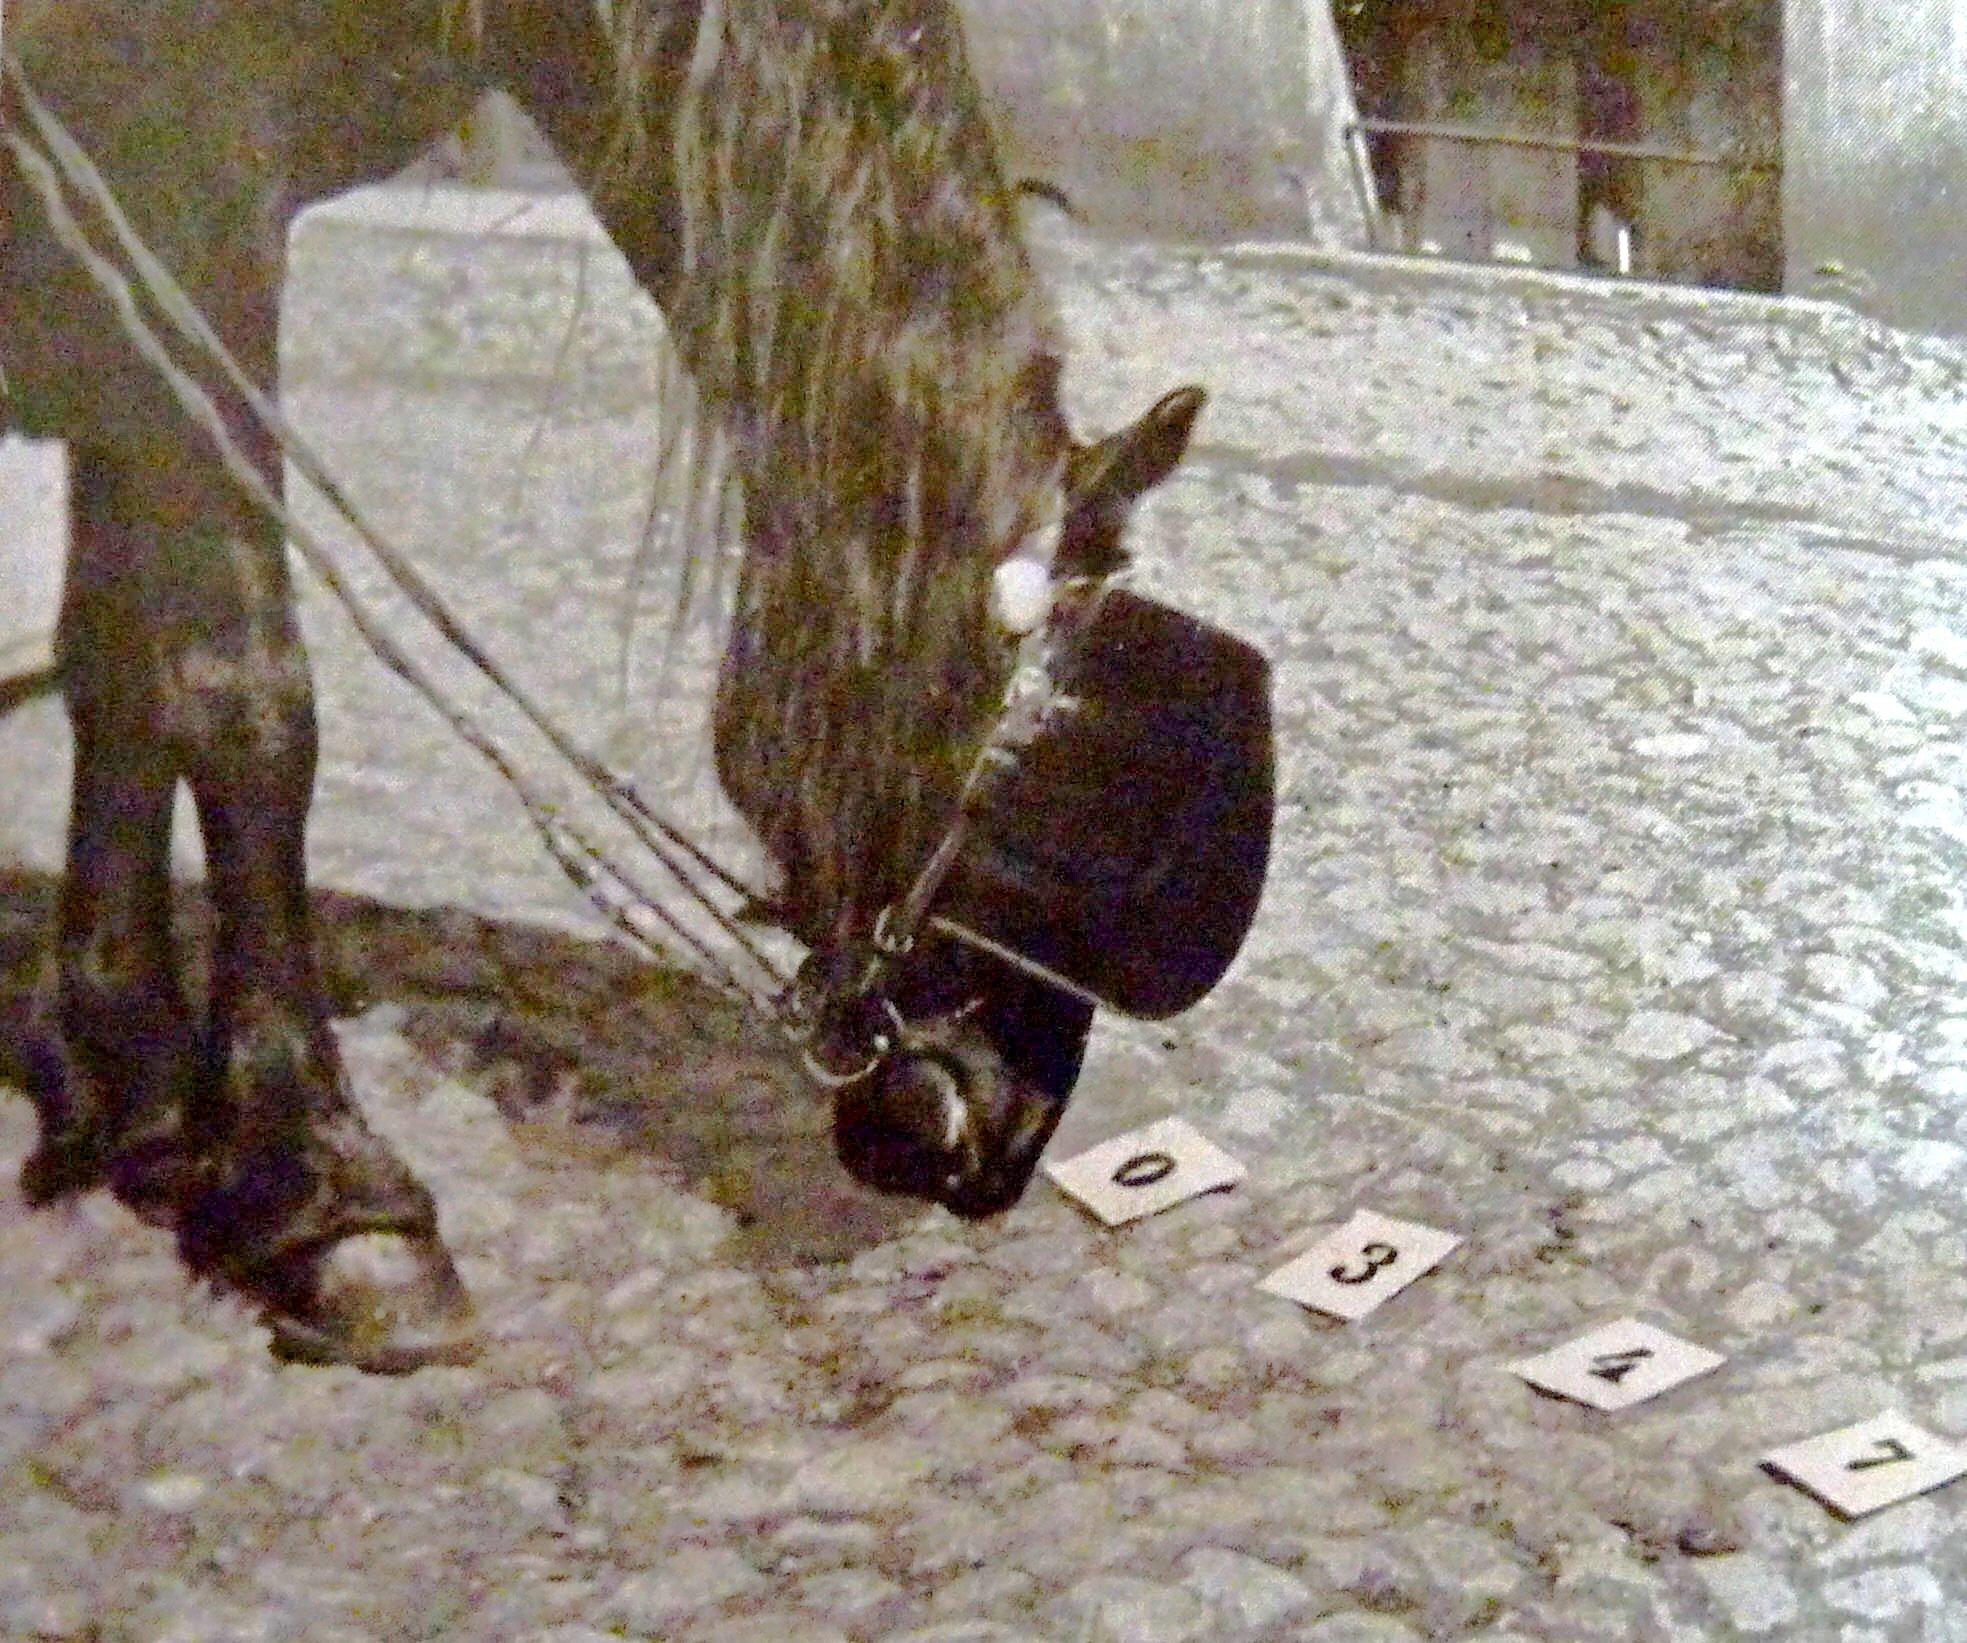 Hans reconociendo números